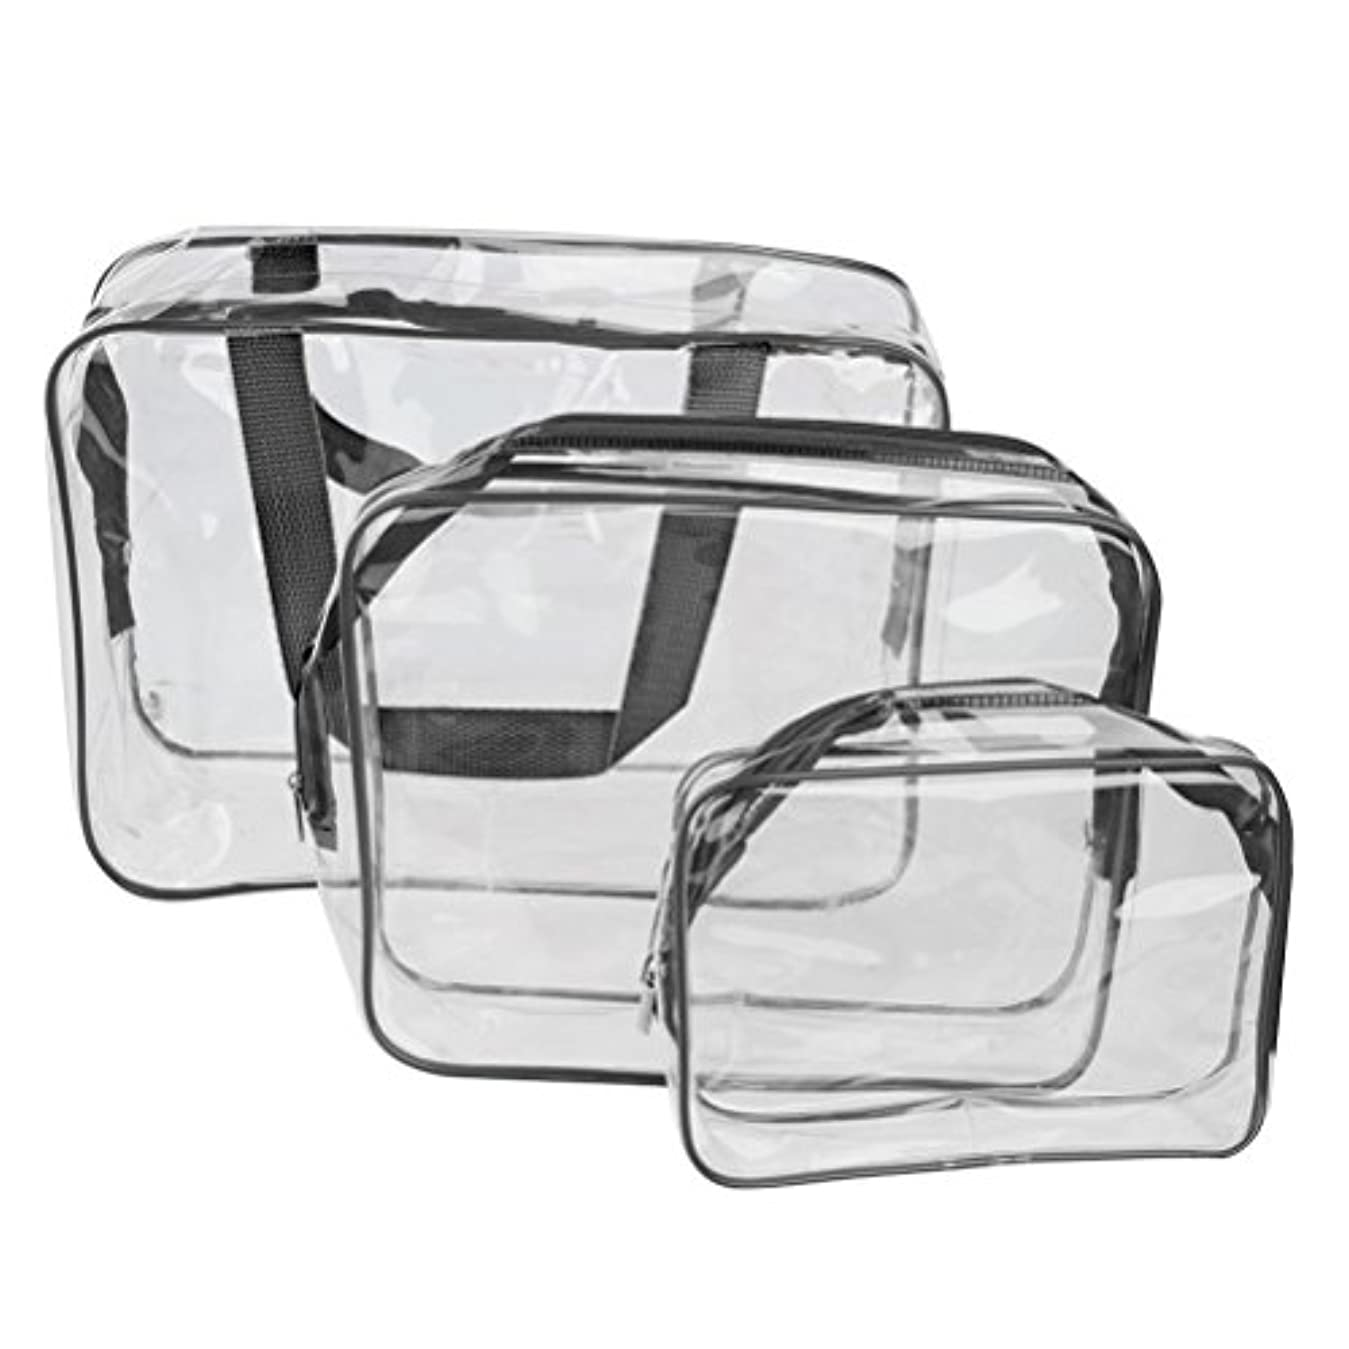 画像全体一般化するROSENICE 旅行出張用 透明化粧品バッグ ブラック